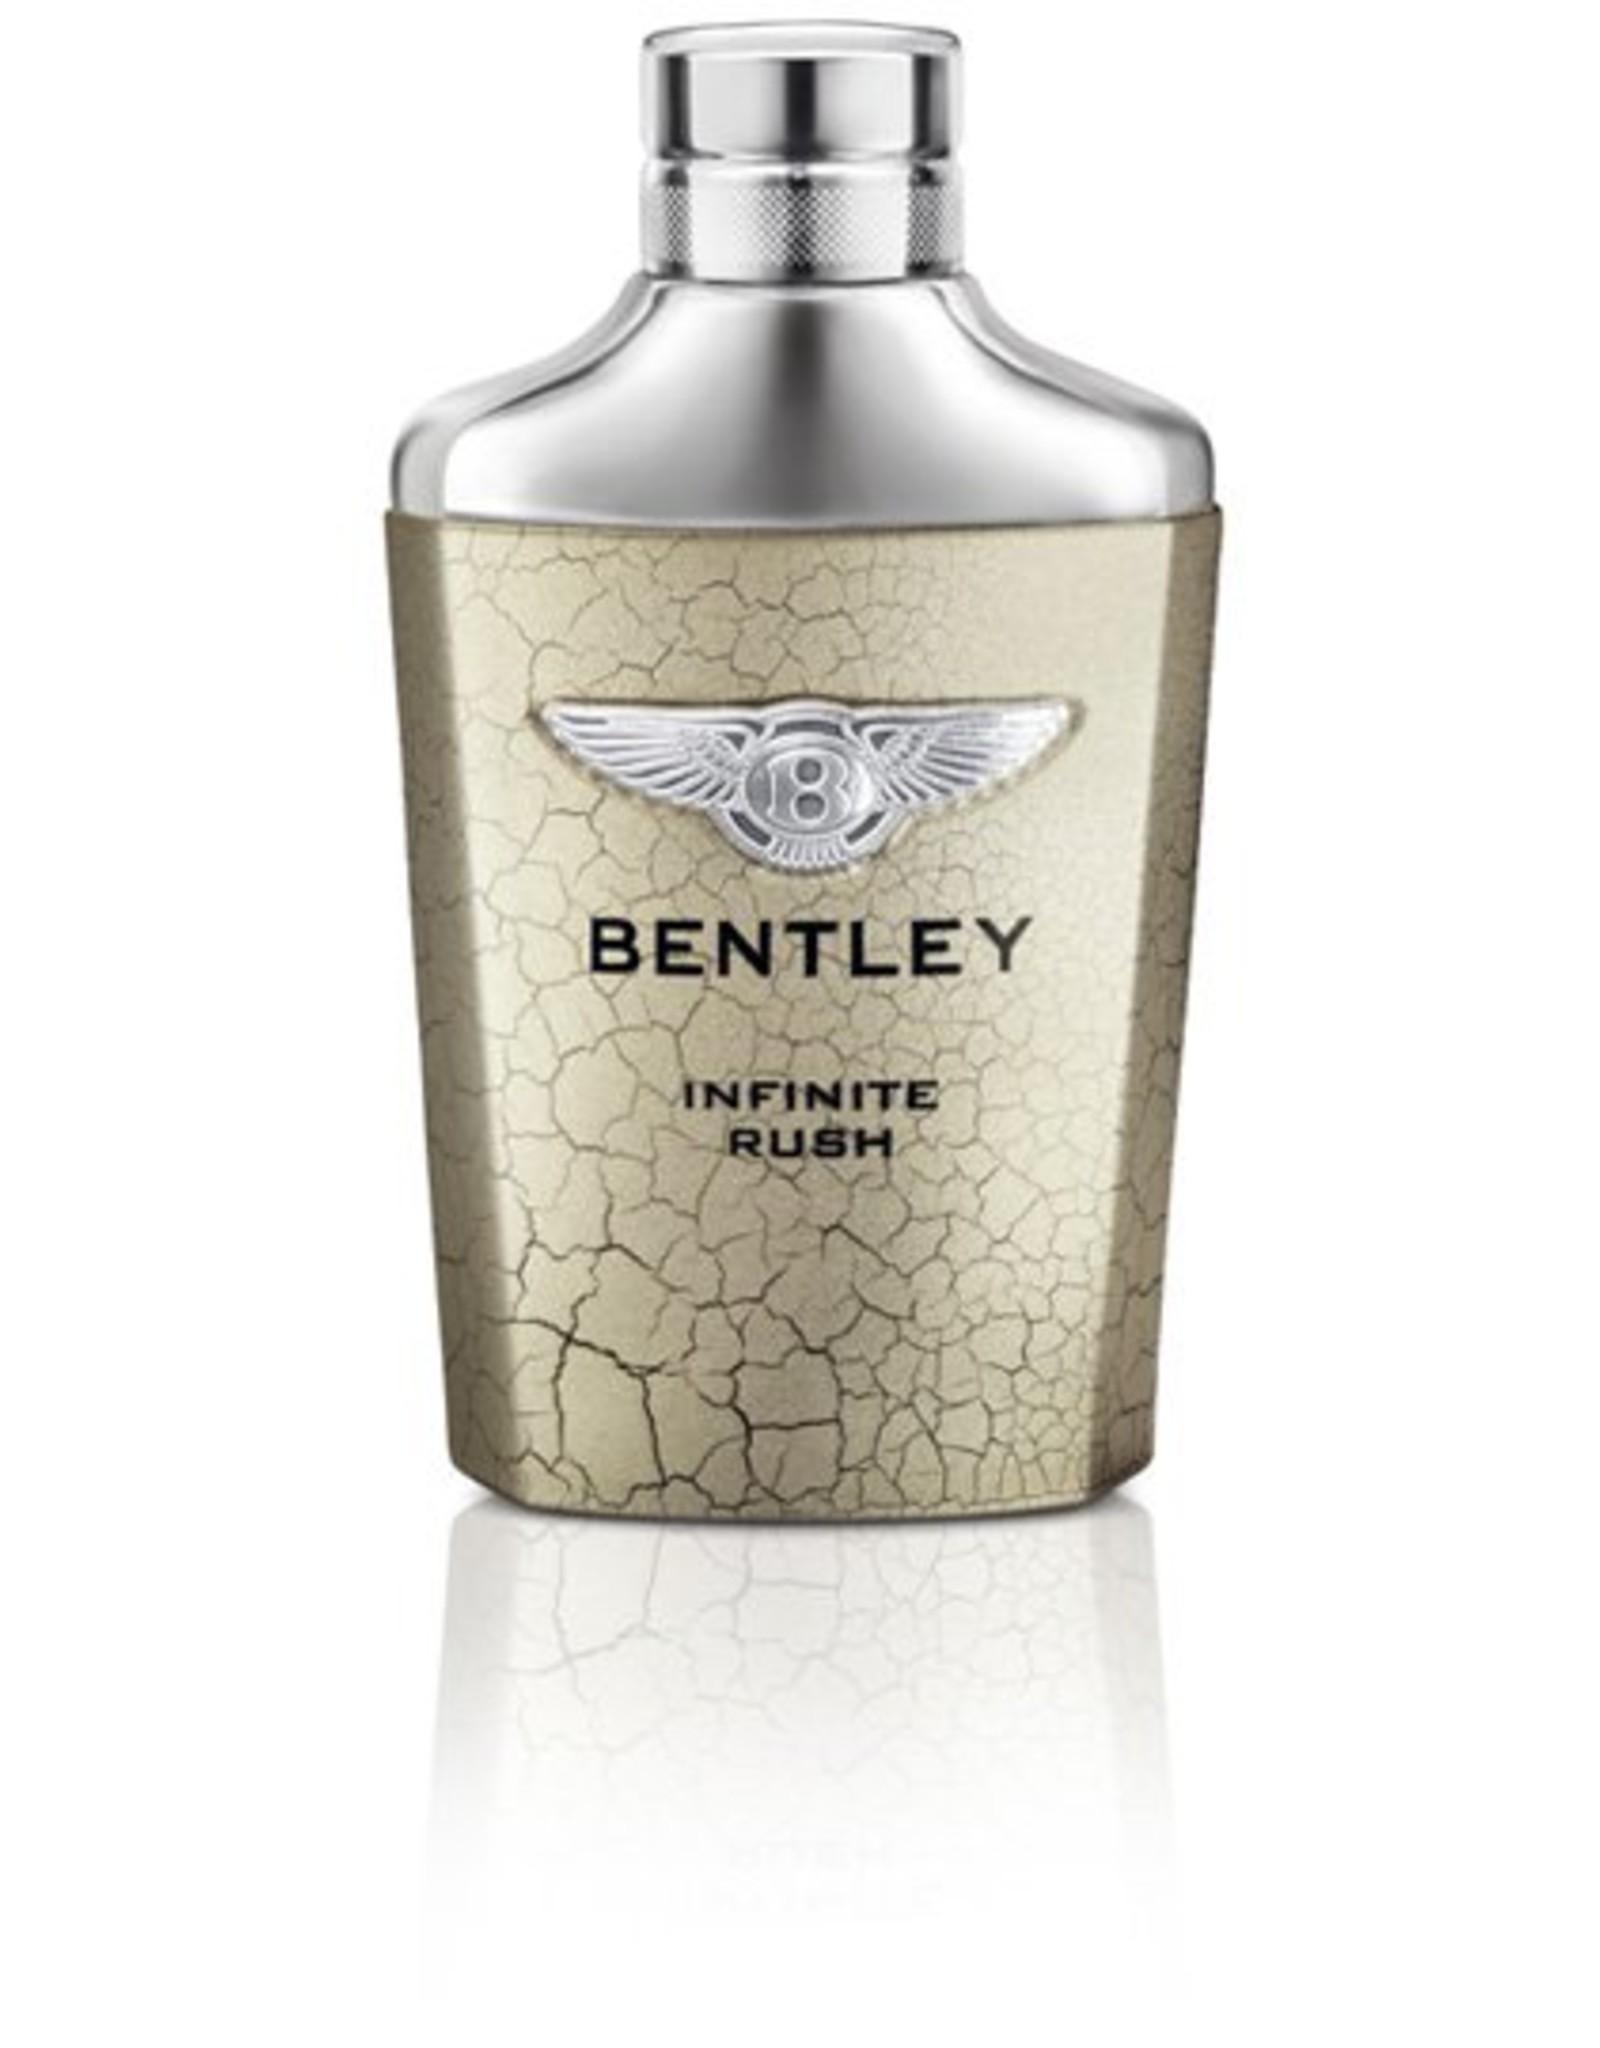 Bentley Infinite Rush EDT -  Bentley